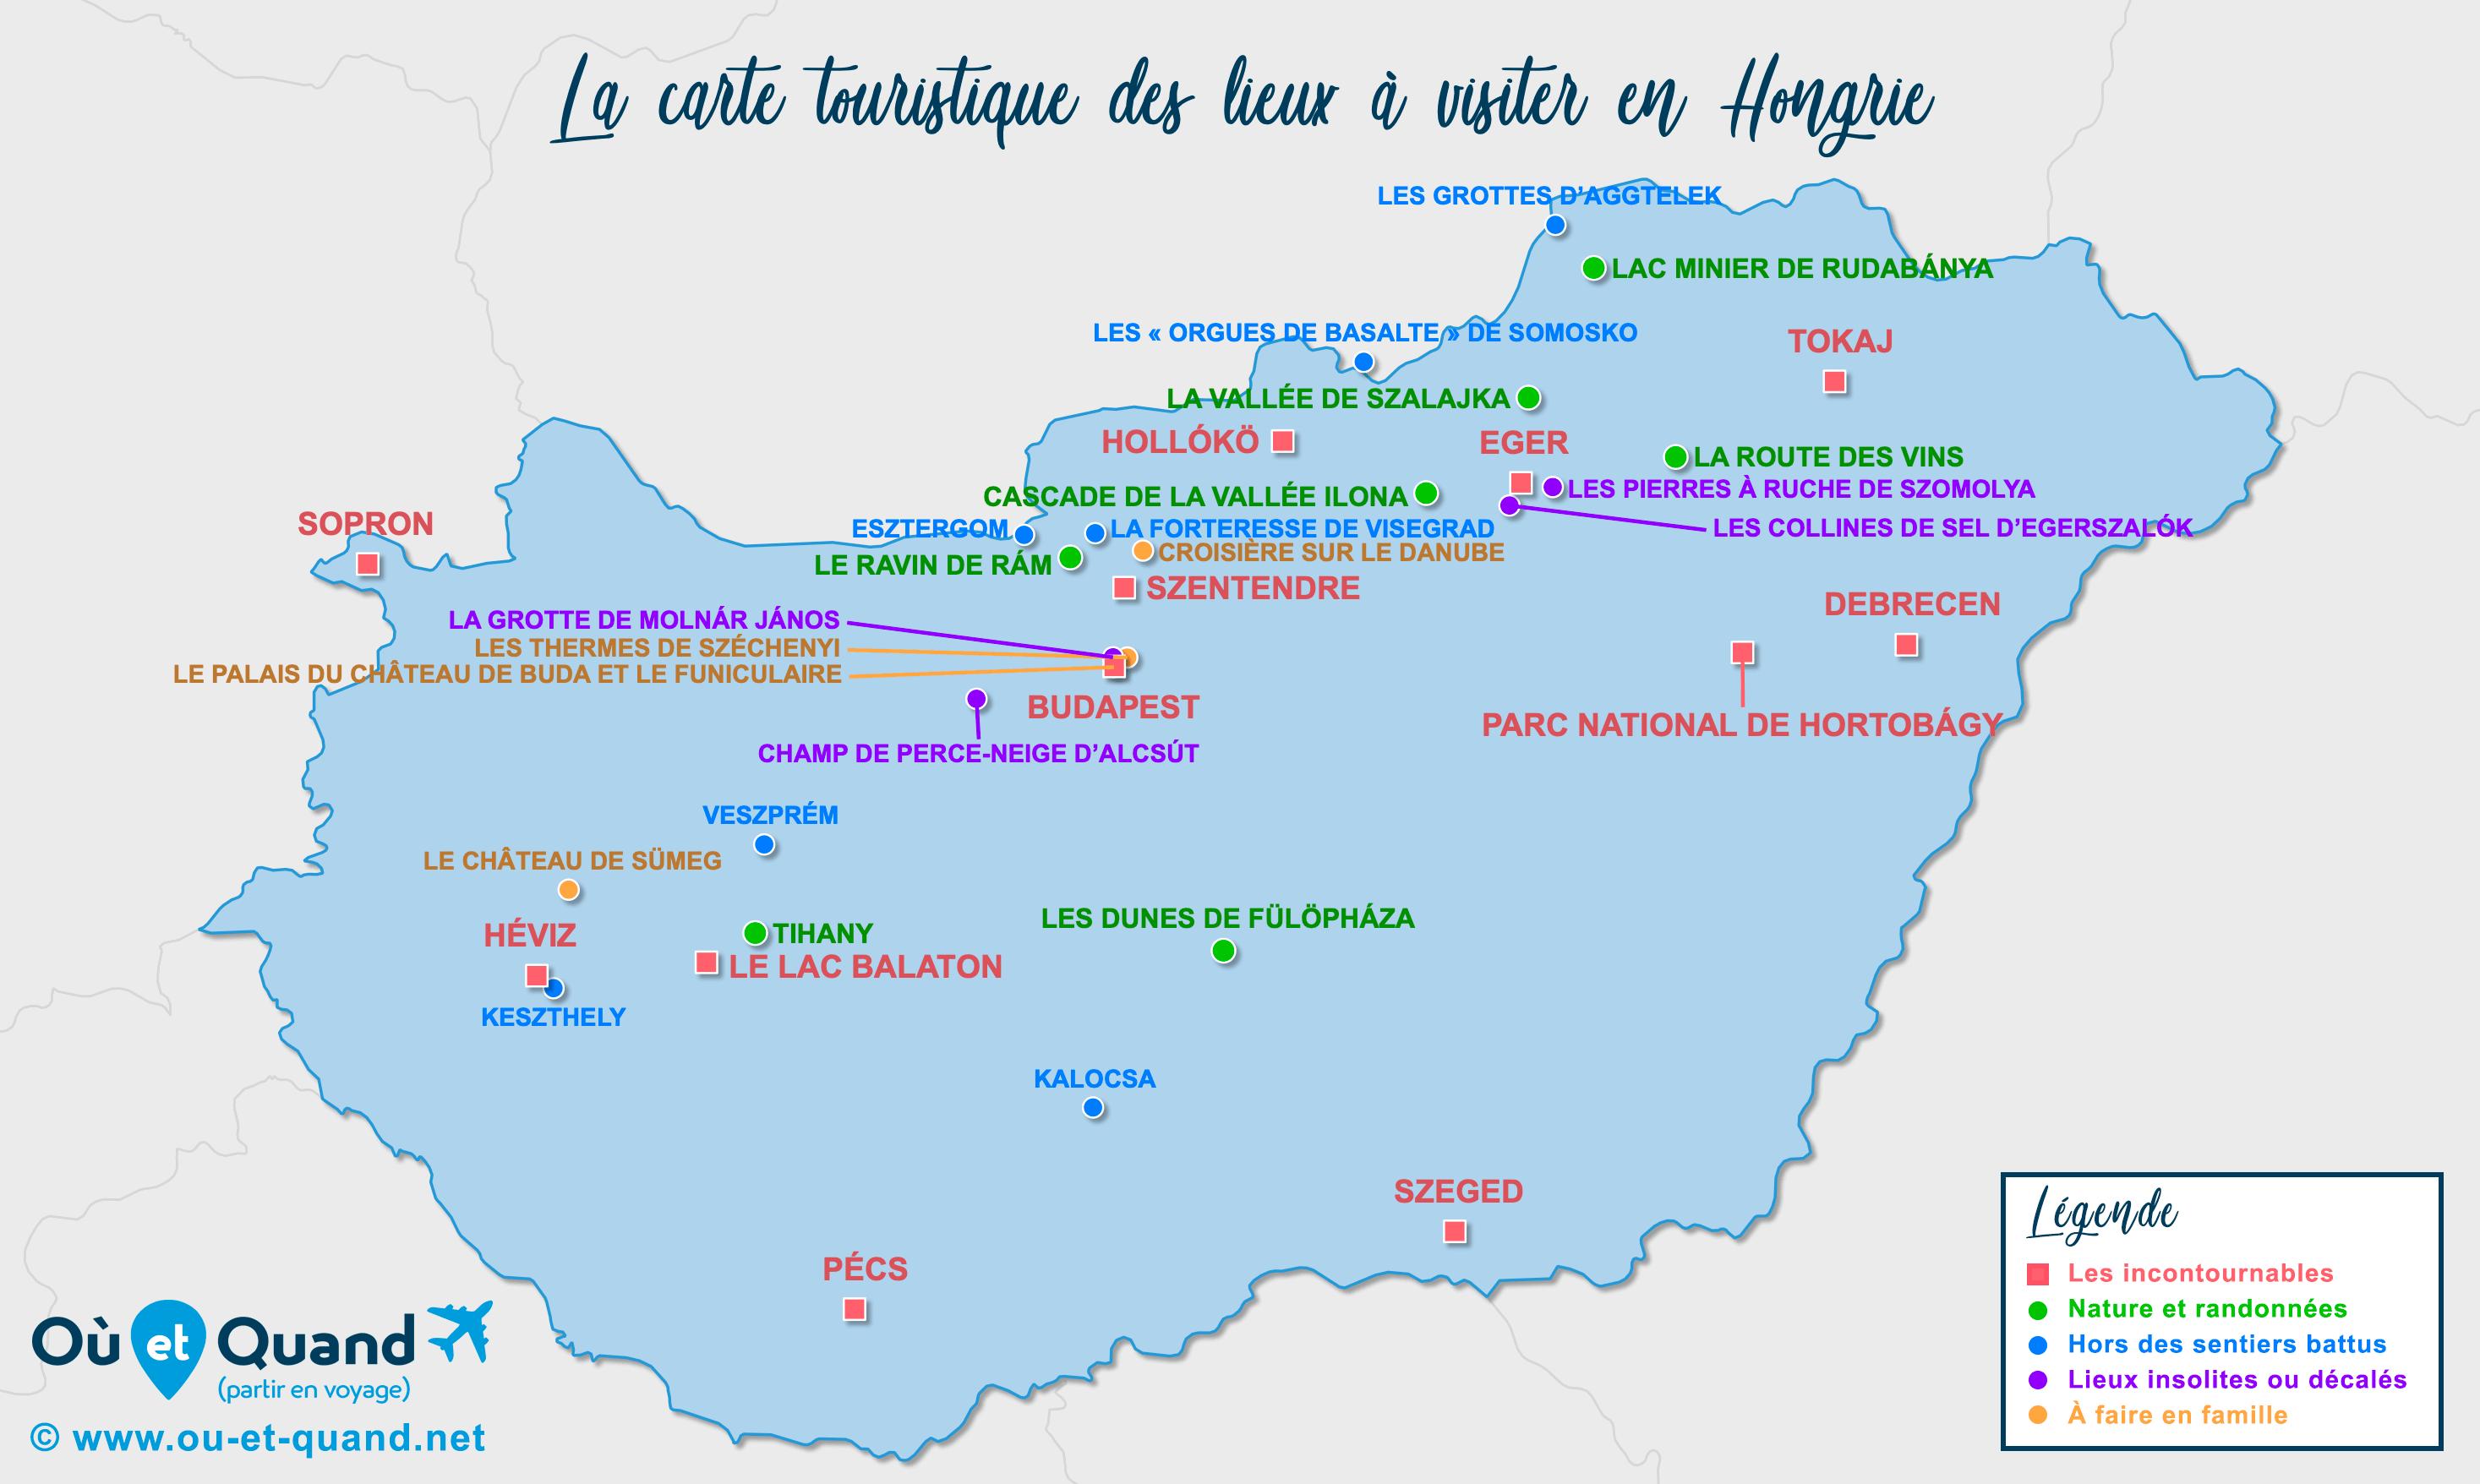 Carte Hongrie : tous les lieux à visiter lors de votre voyage